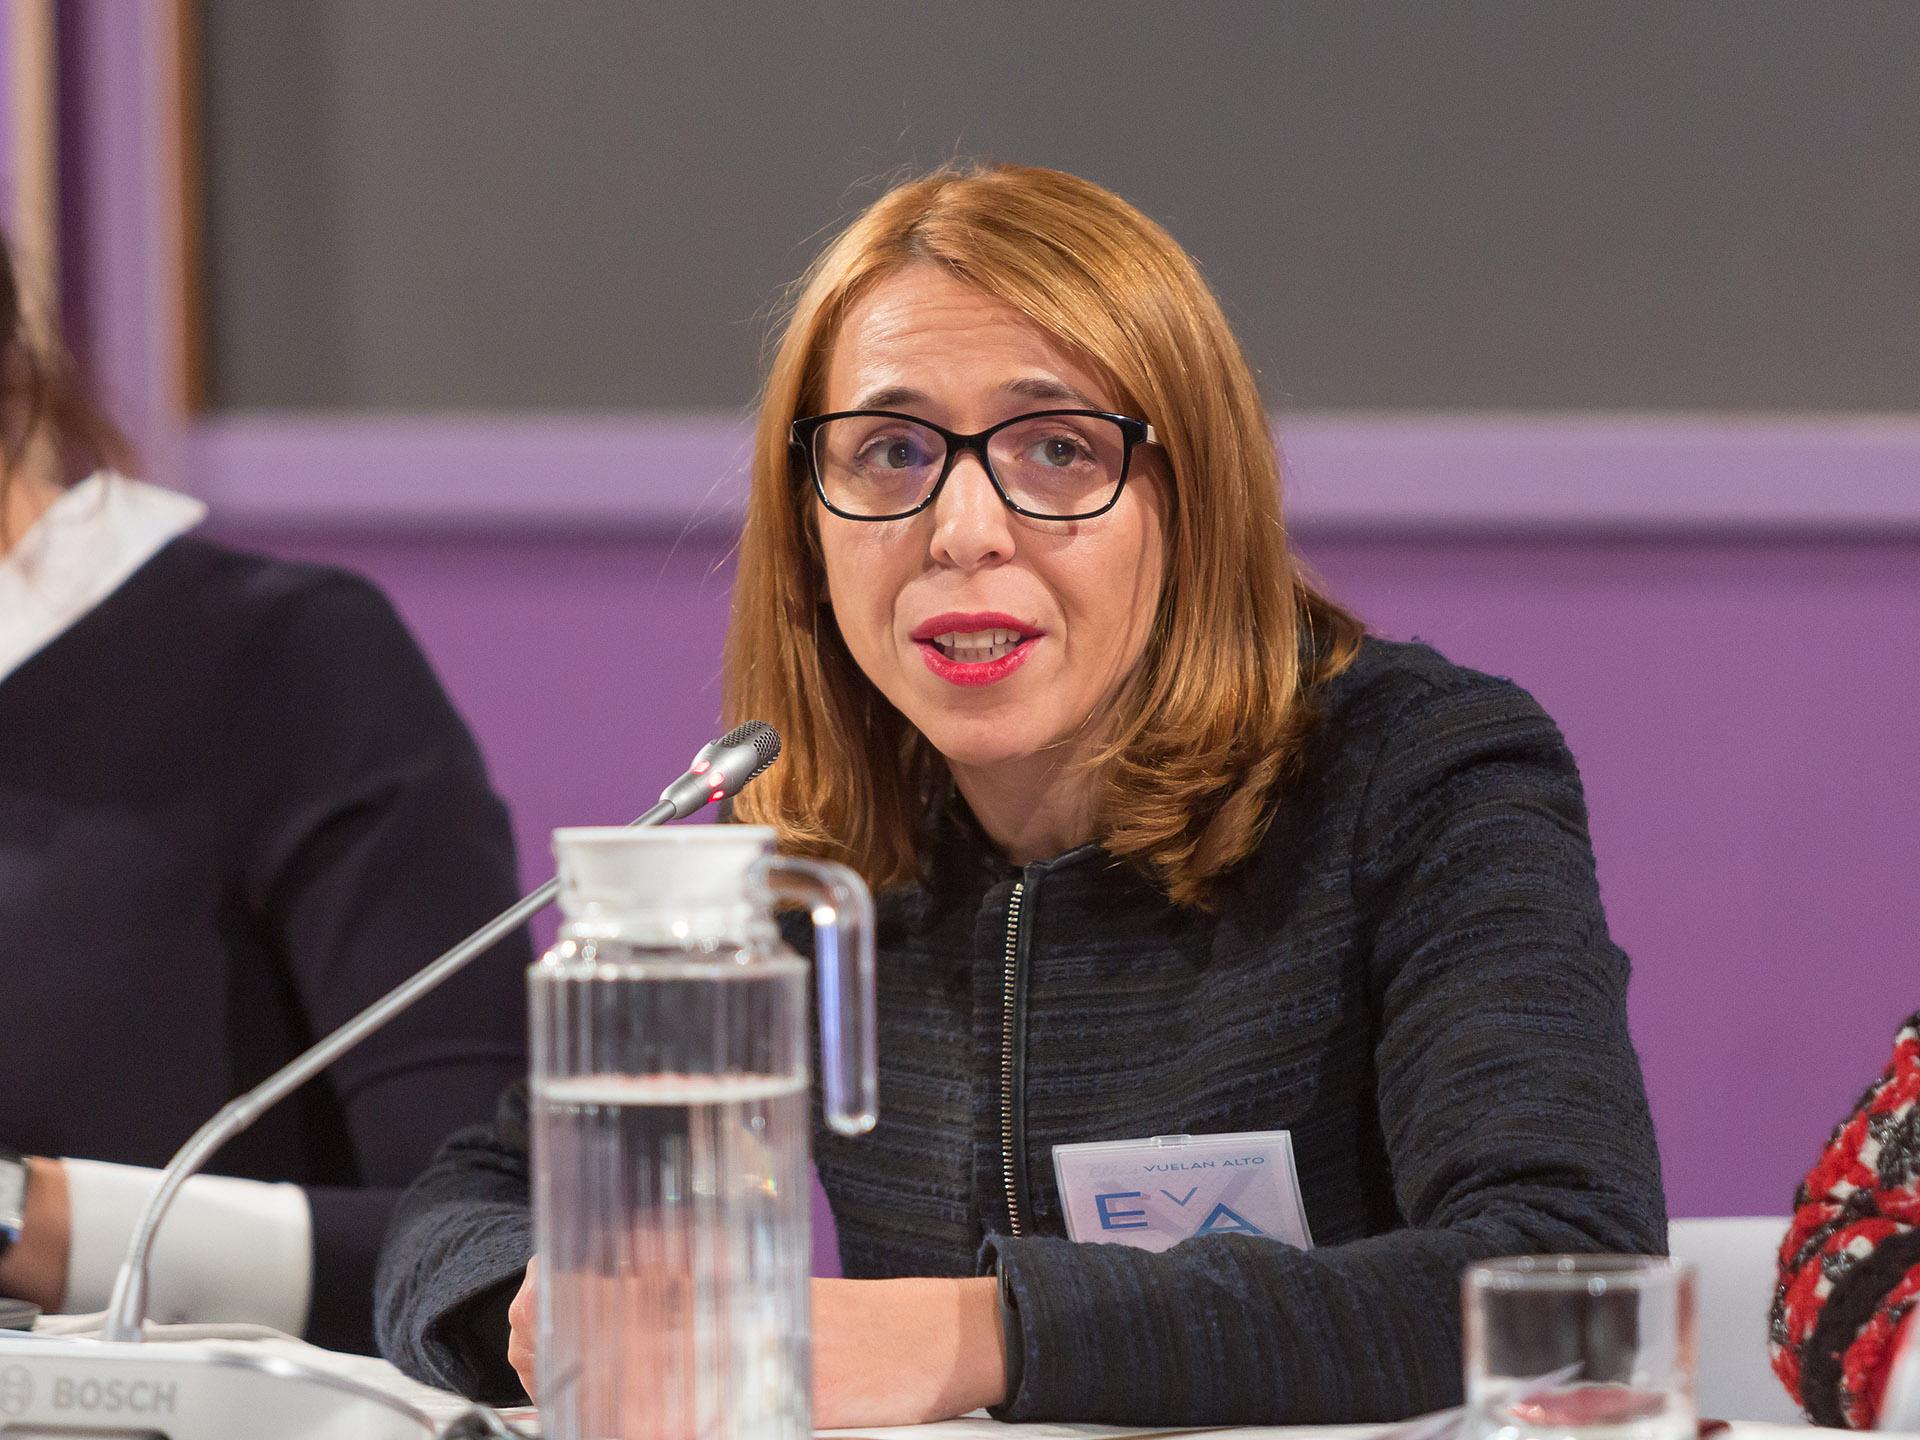 Celia Muñoz, de Iberia, ofreció su visión sobre el transporte aéreo en España.